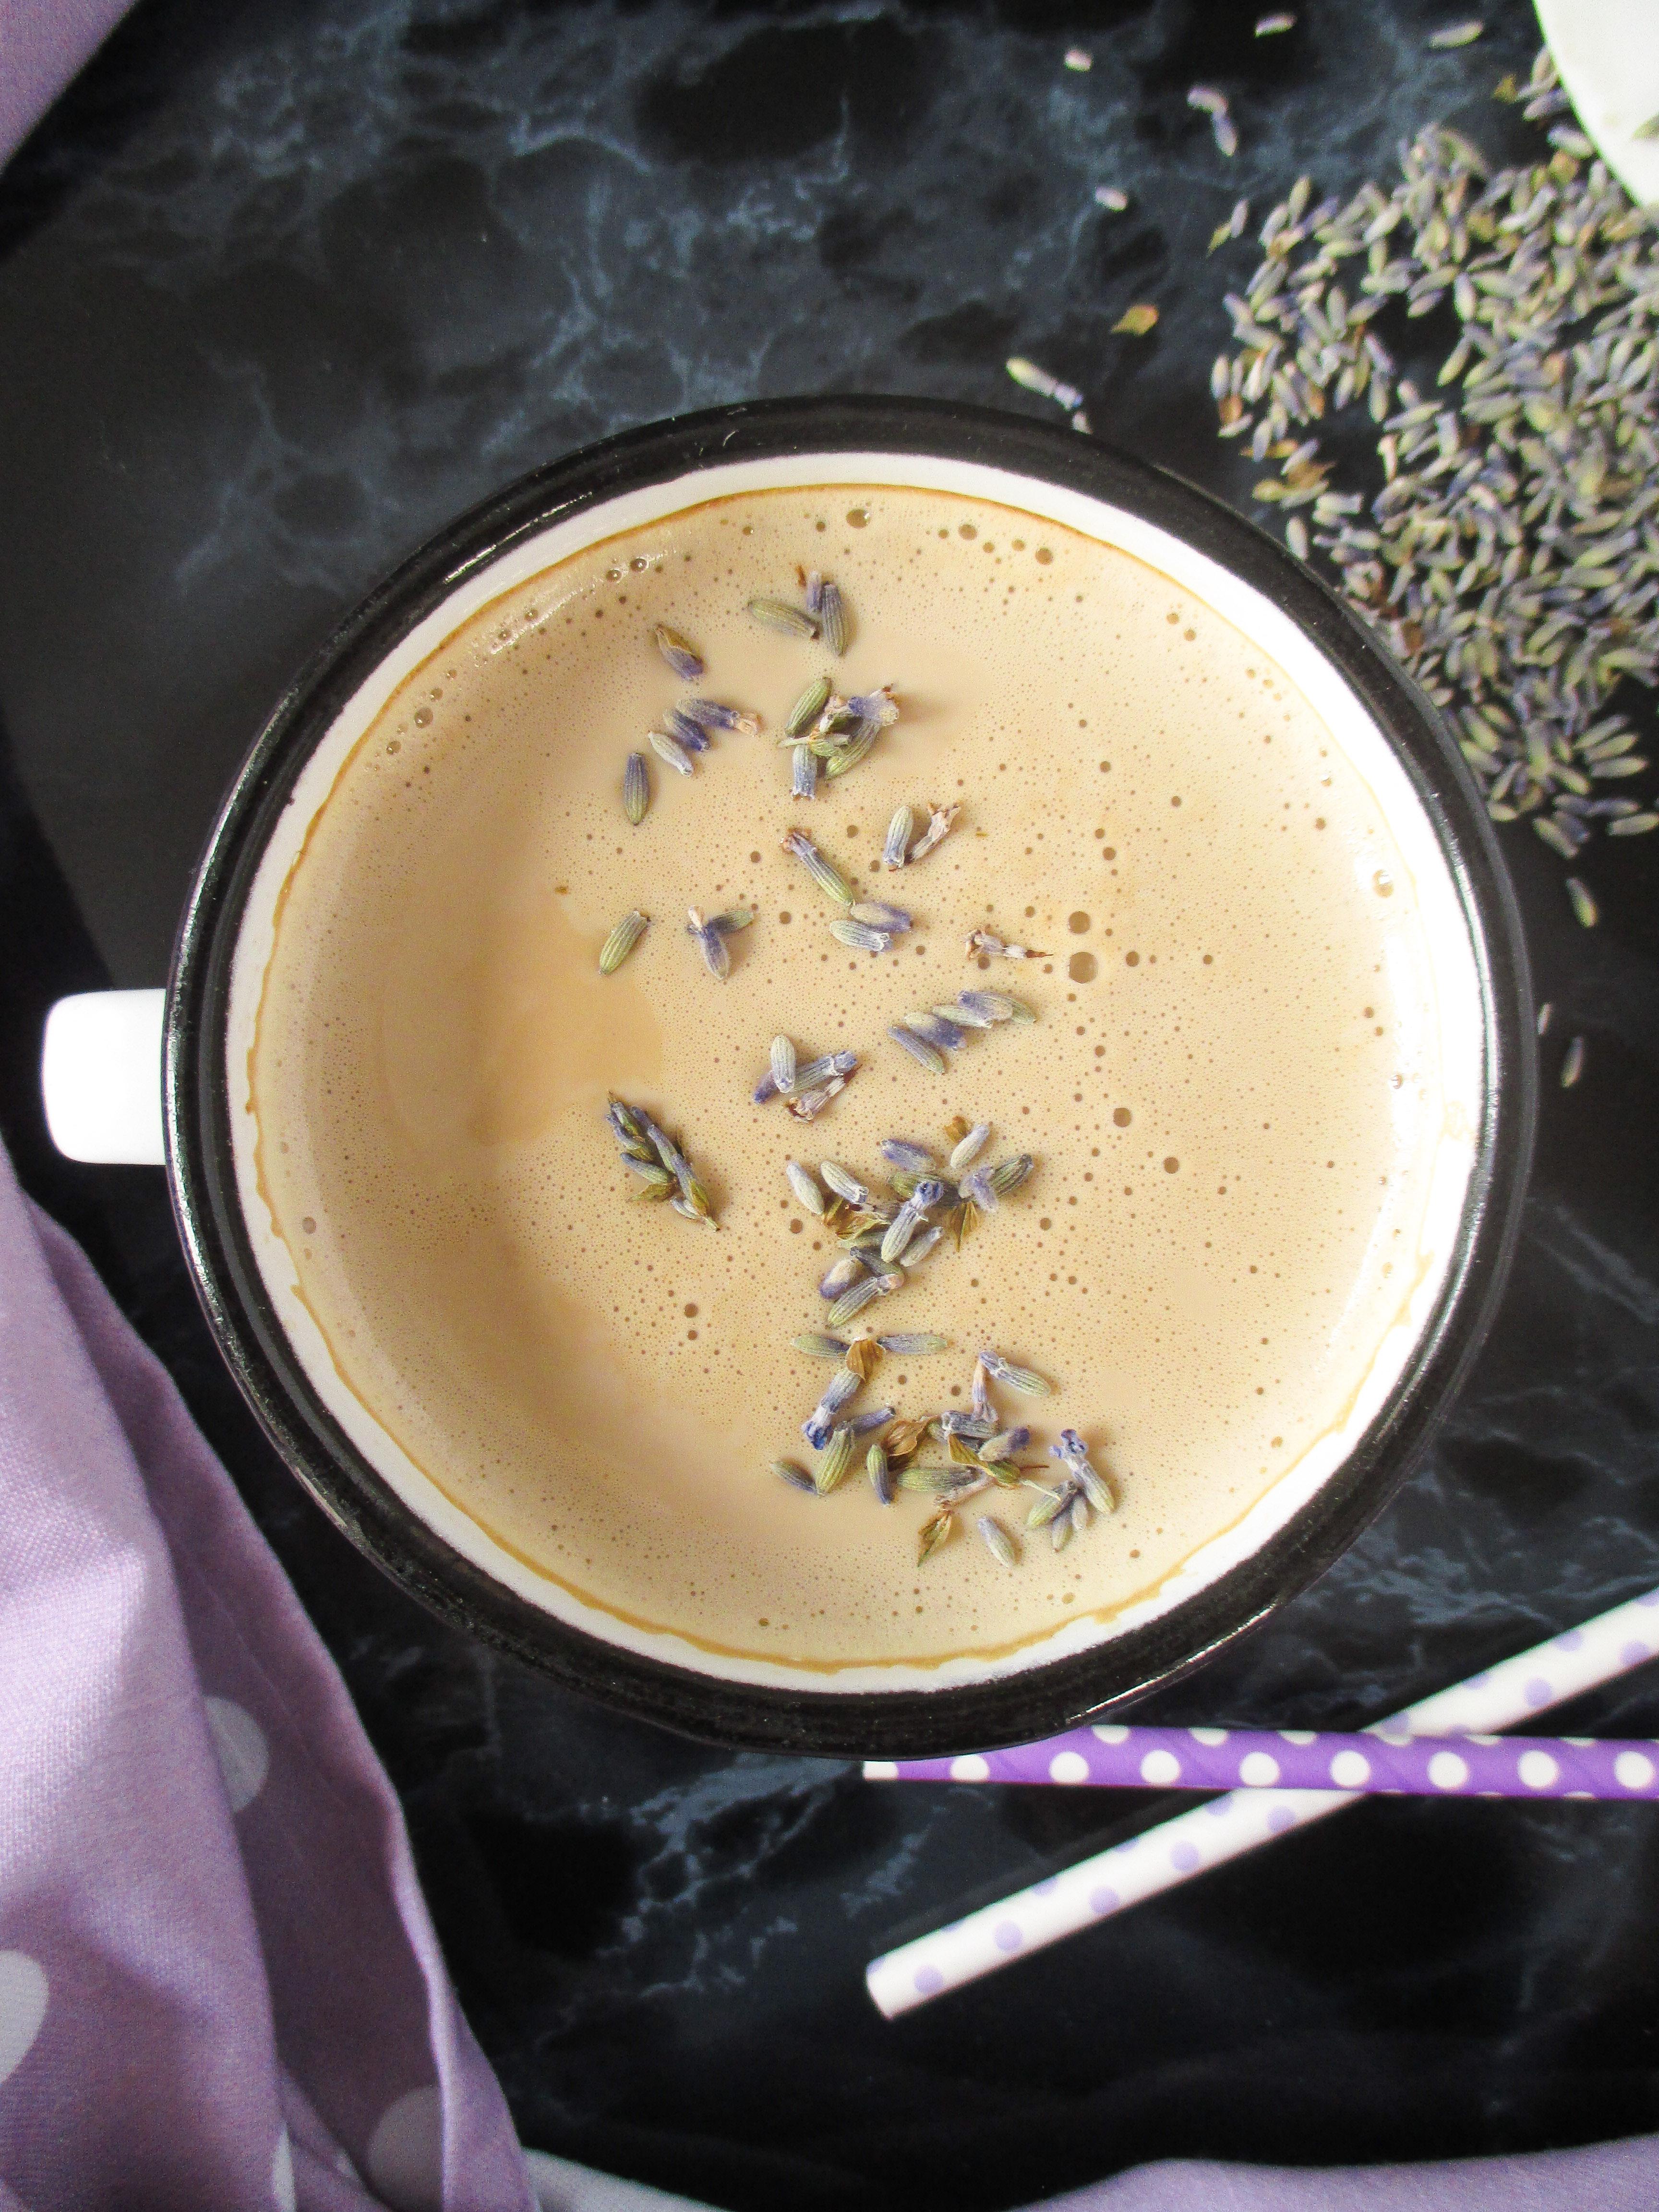 Levanduľové latte (bez kávovaru)